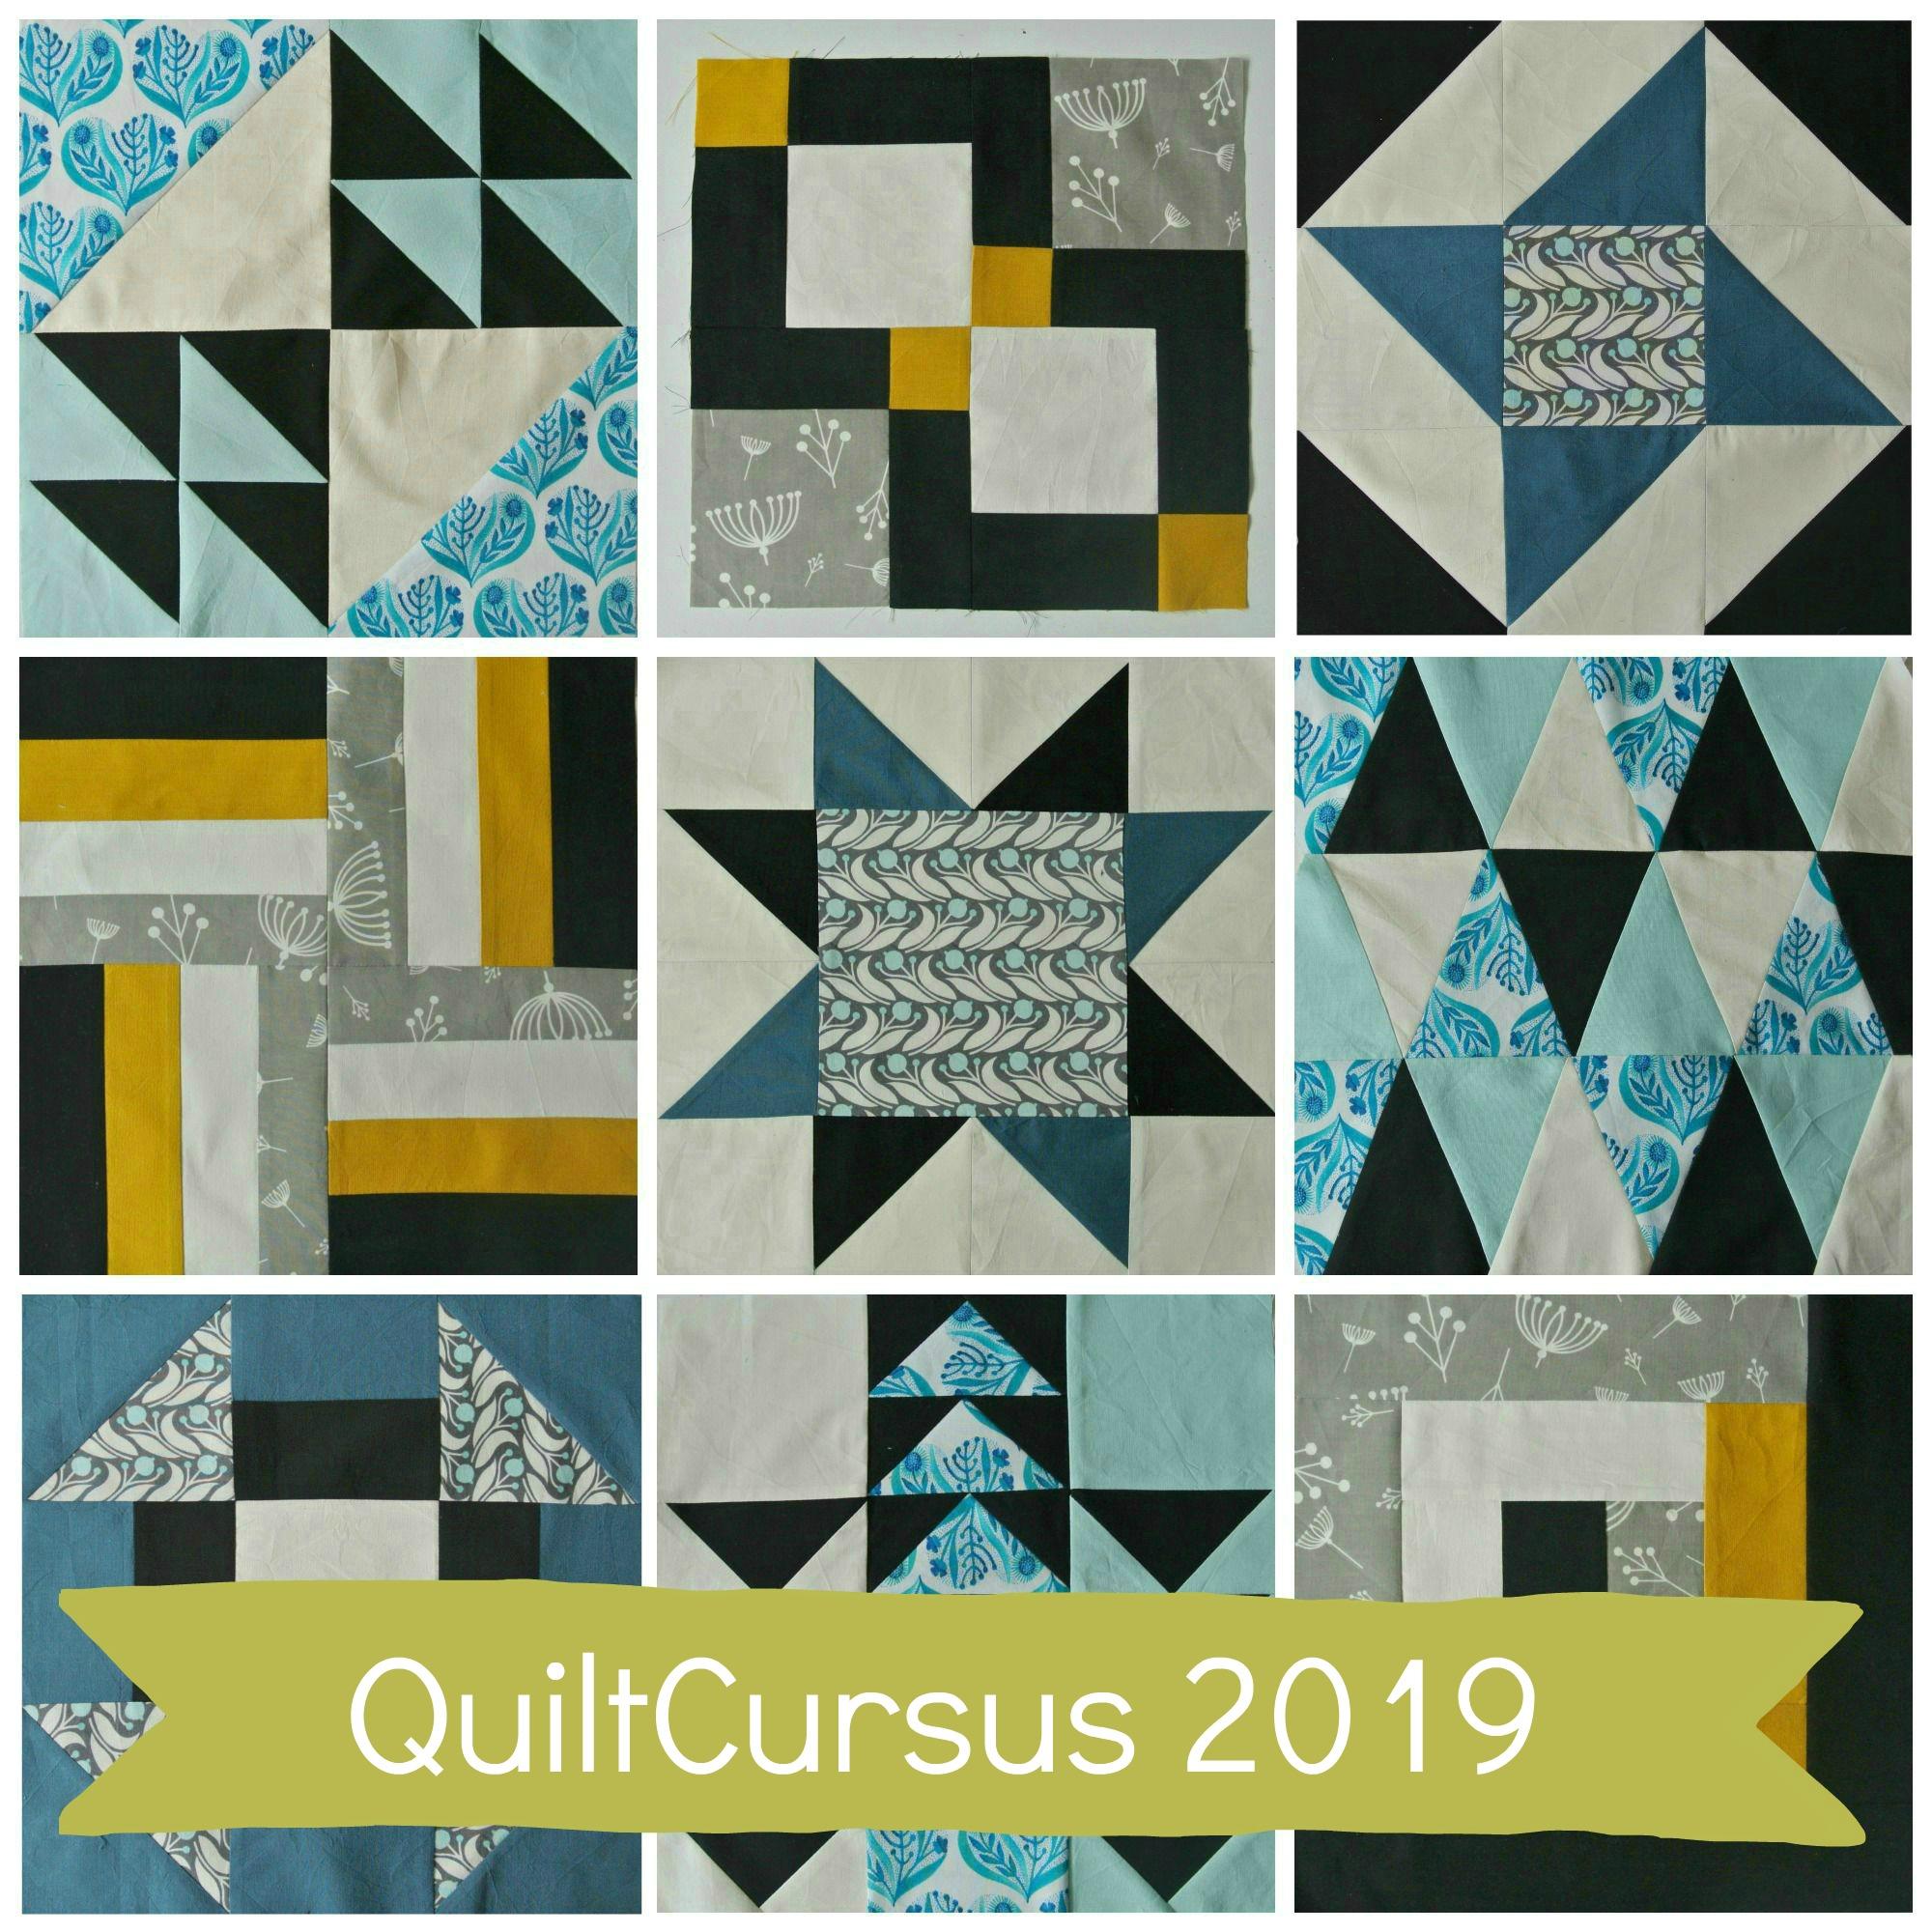 online-quiltcursus-2019-button-2019